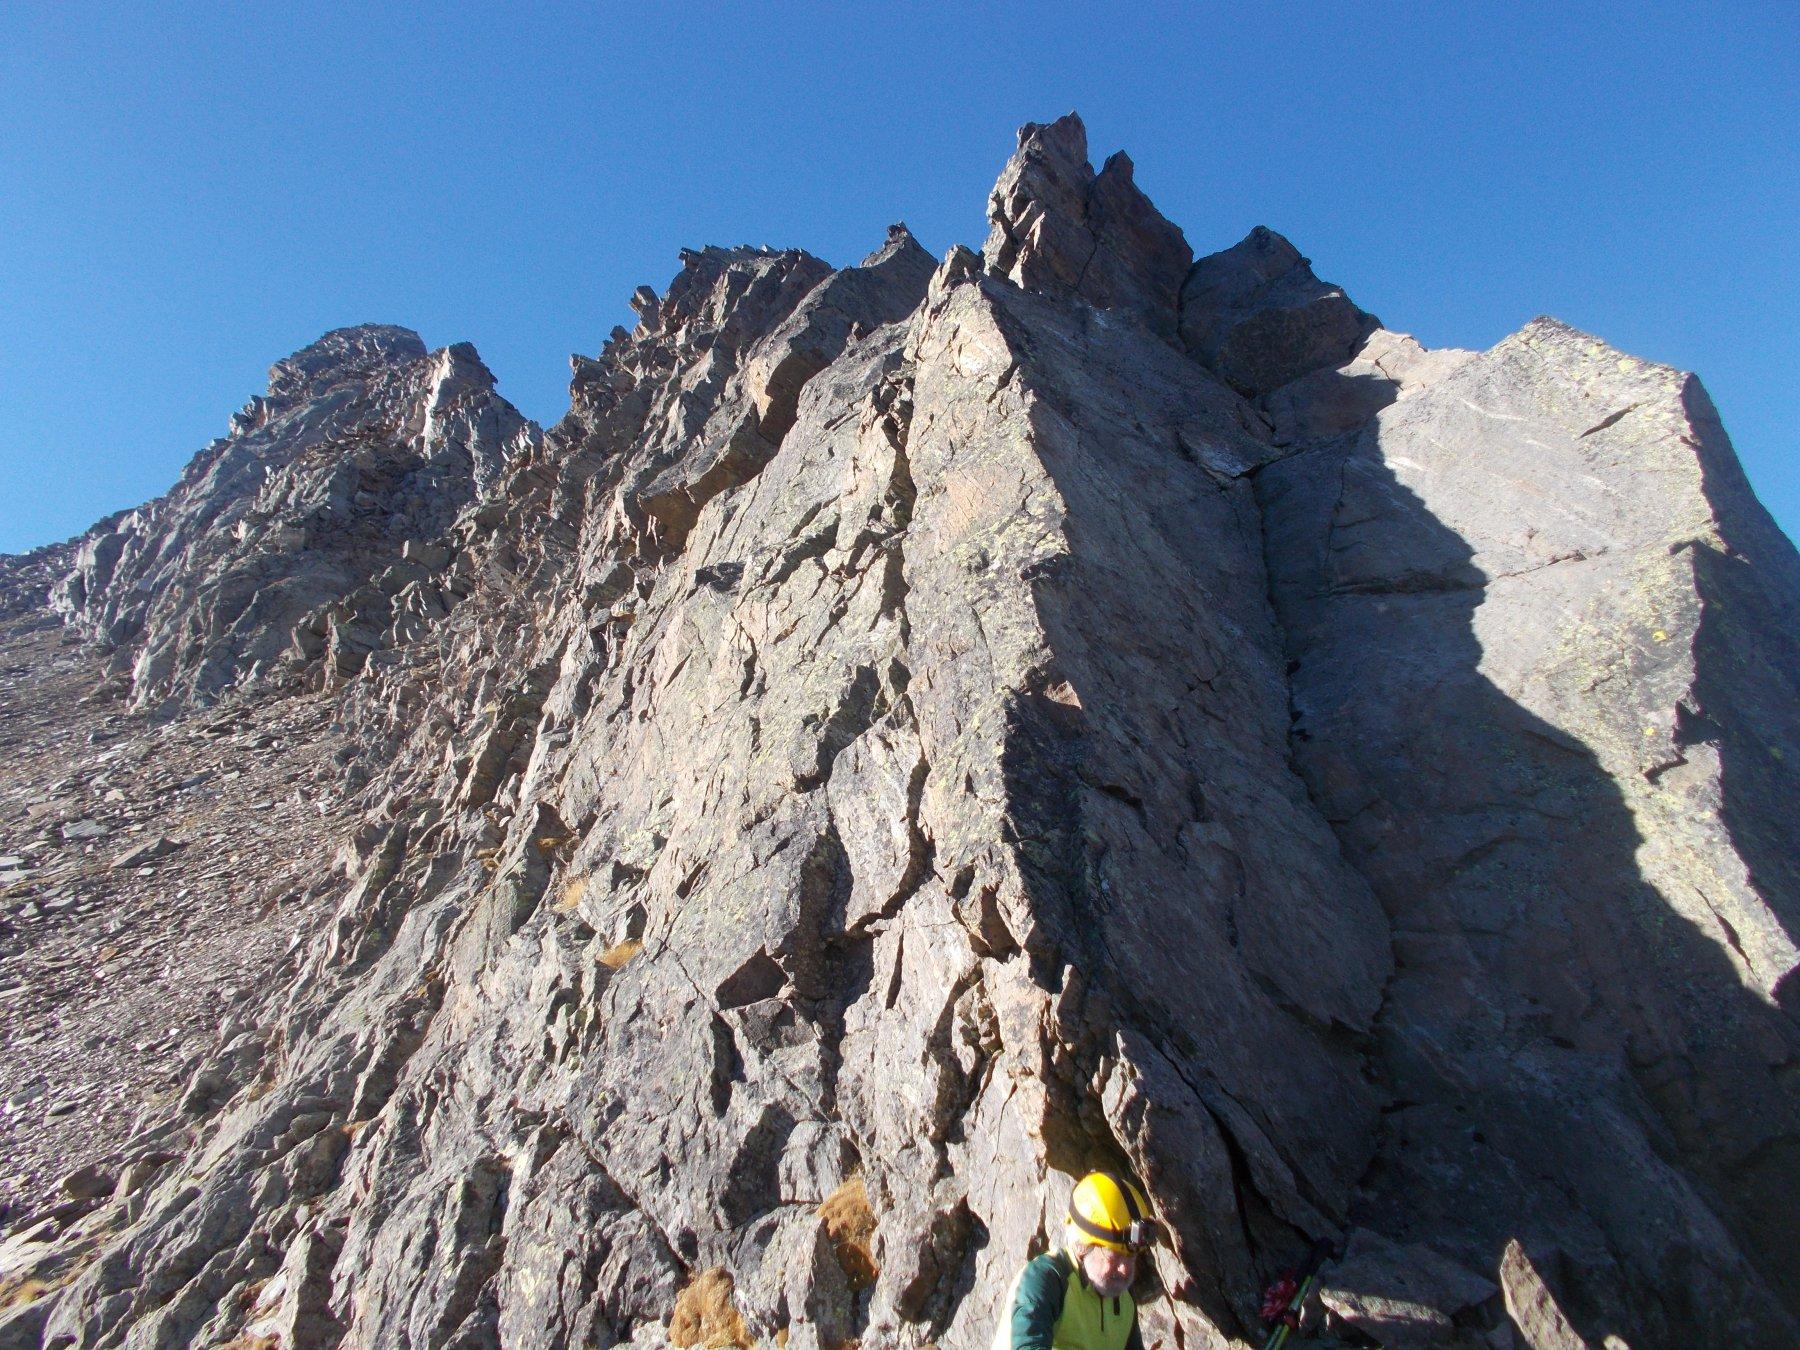 la cresta nord della Valmiana dal colle Grandzetta..suscita qualche timore guardarndola..